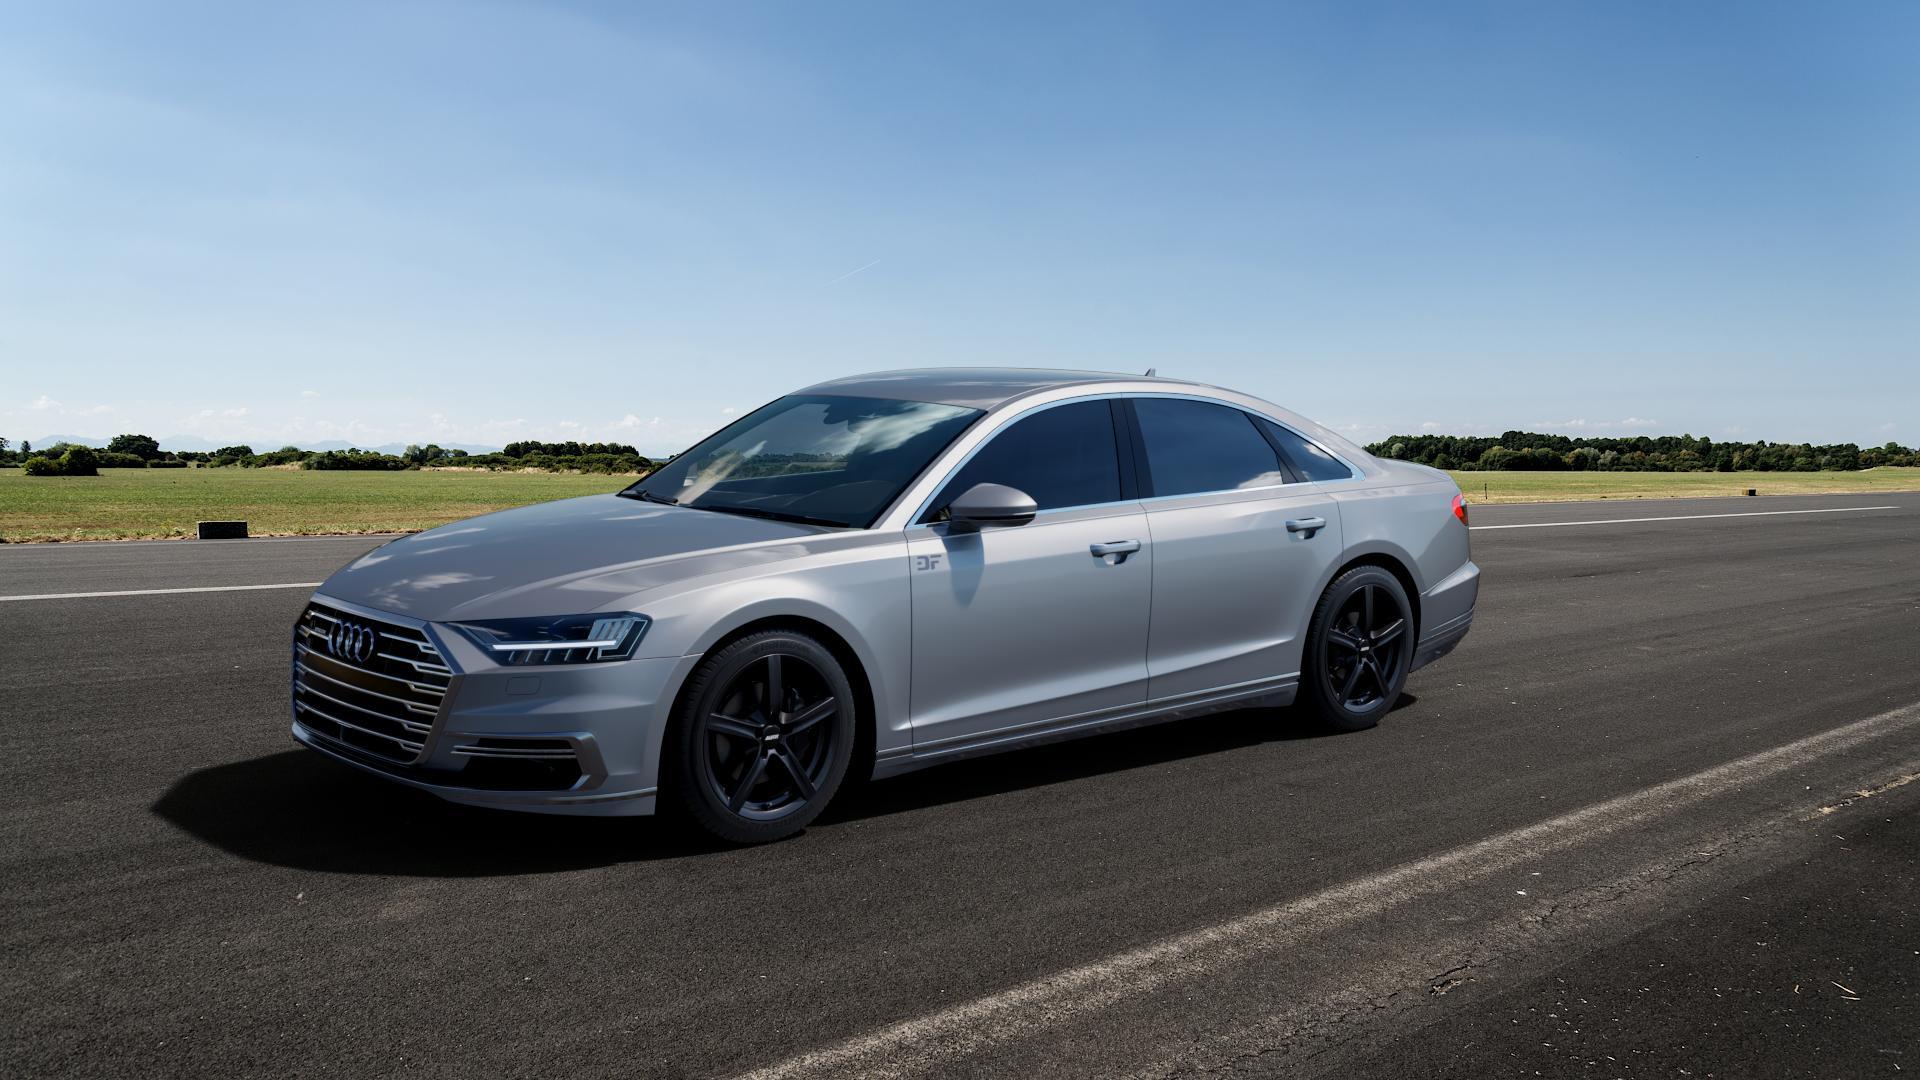 ALUTEC Grip graphit Felge mit Reifen grau in 18Zoll Winterfelge Alufelge auf silbernem Audi A8 Typ D5/F8 3,0l 60 TFSI e quattro 250kW (340 PS) Hybrid 4,0l 338kW (460 420kW S8 (571 TDI 210kW (286 320kW (435 ⬇️ mit 15mm Tieferlegung ⬇️ Big_Vehicle_Airstrip_1 Frontansicht_1